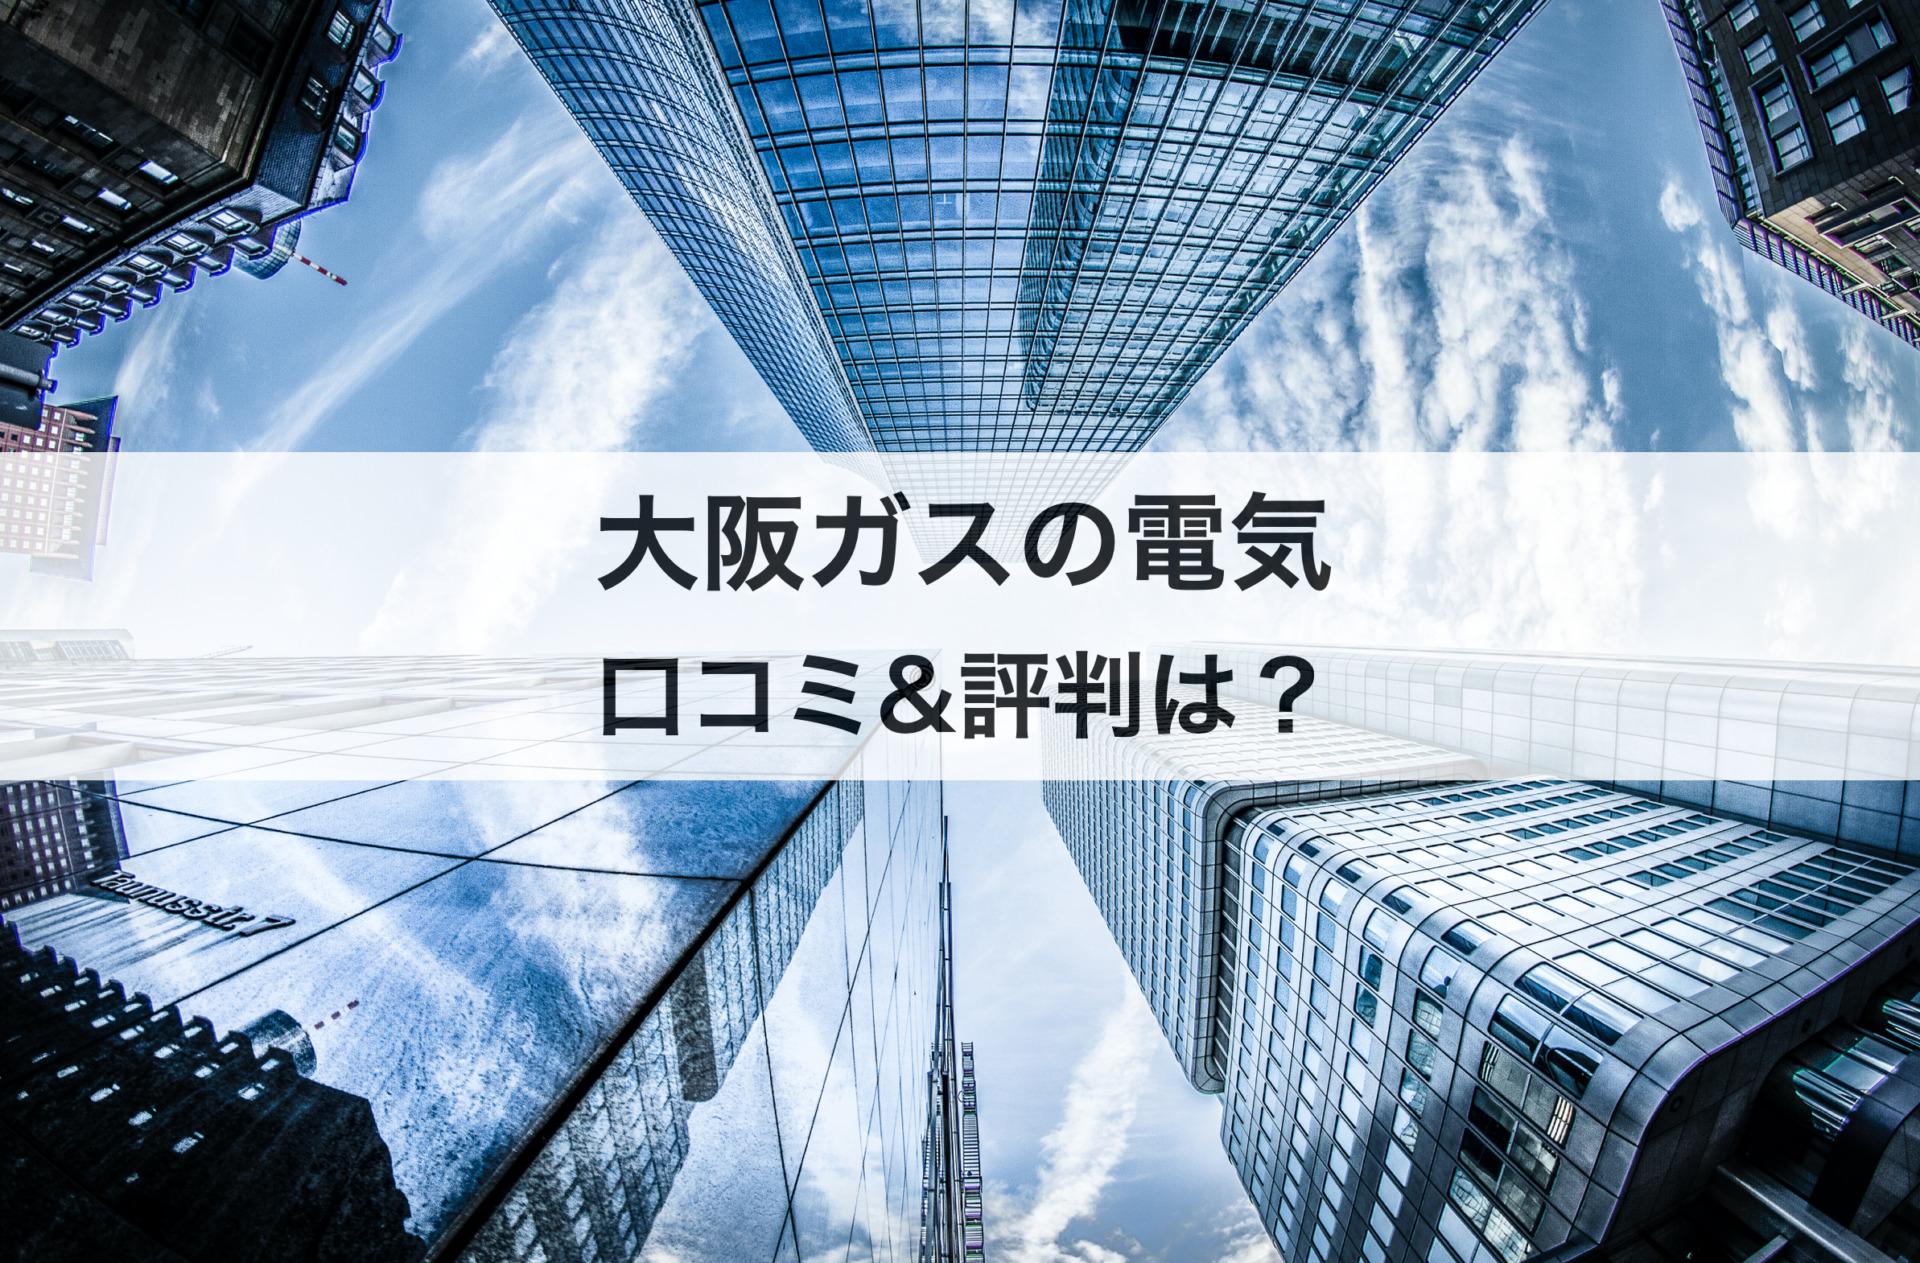 大阪ガスの電気の口コミや評判は?メリット&デメリットも解説します!